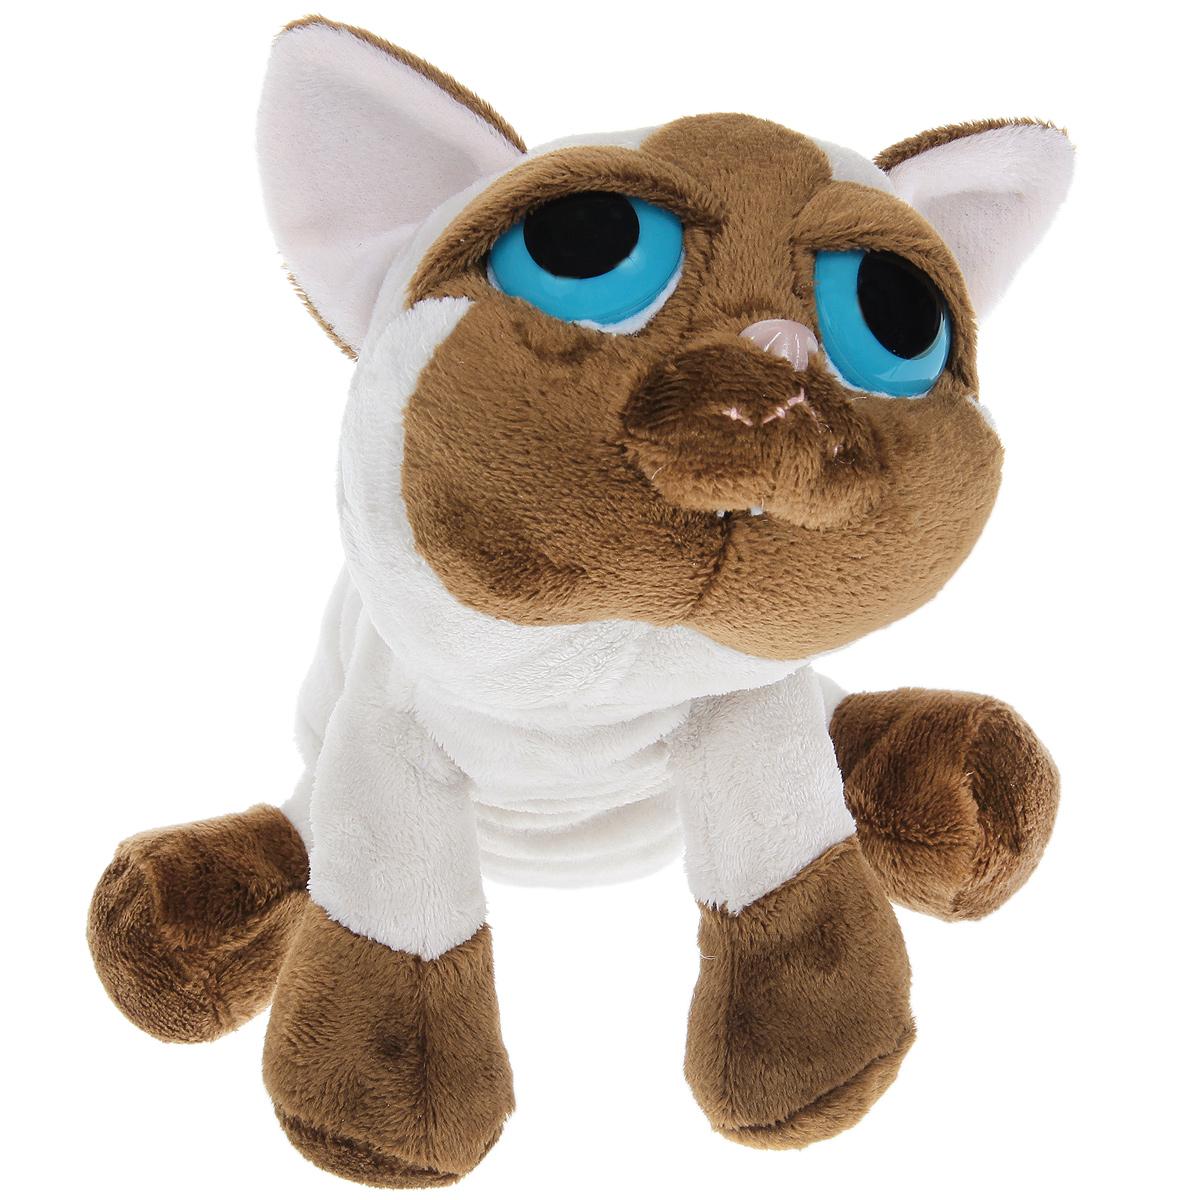 Мягкая игрушка Сиамский кот Пиперс, 25 см85053Очаровательный сиамский кот с большими печальными глазами, яркой индивидуальностью и невероятным шармом. Игрушка выполнена из высококачественных нетоксичных неаллергичных материалов. Приятна на ощупь. С полимерными гранулами внутри, способствующими развитию мелкой моторики у детей и эмоциональной релаксации у взрослых.